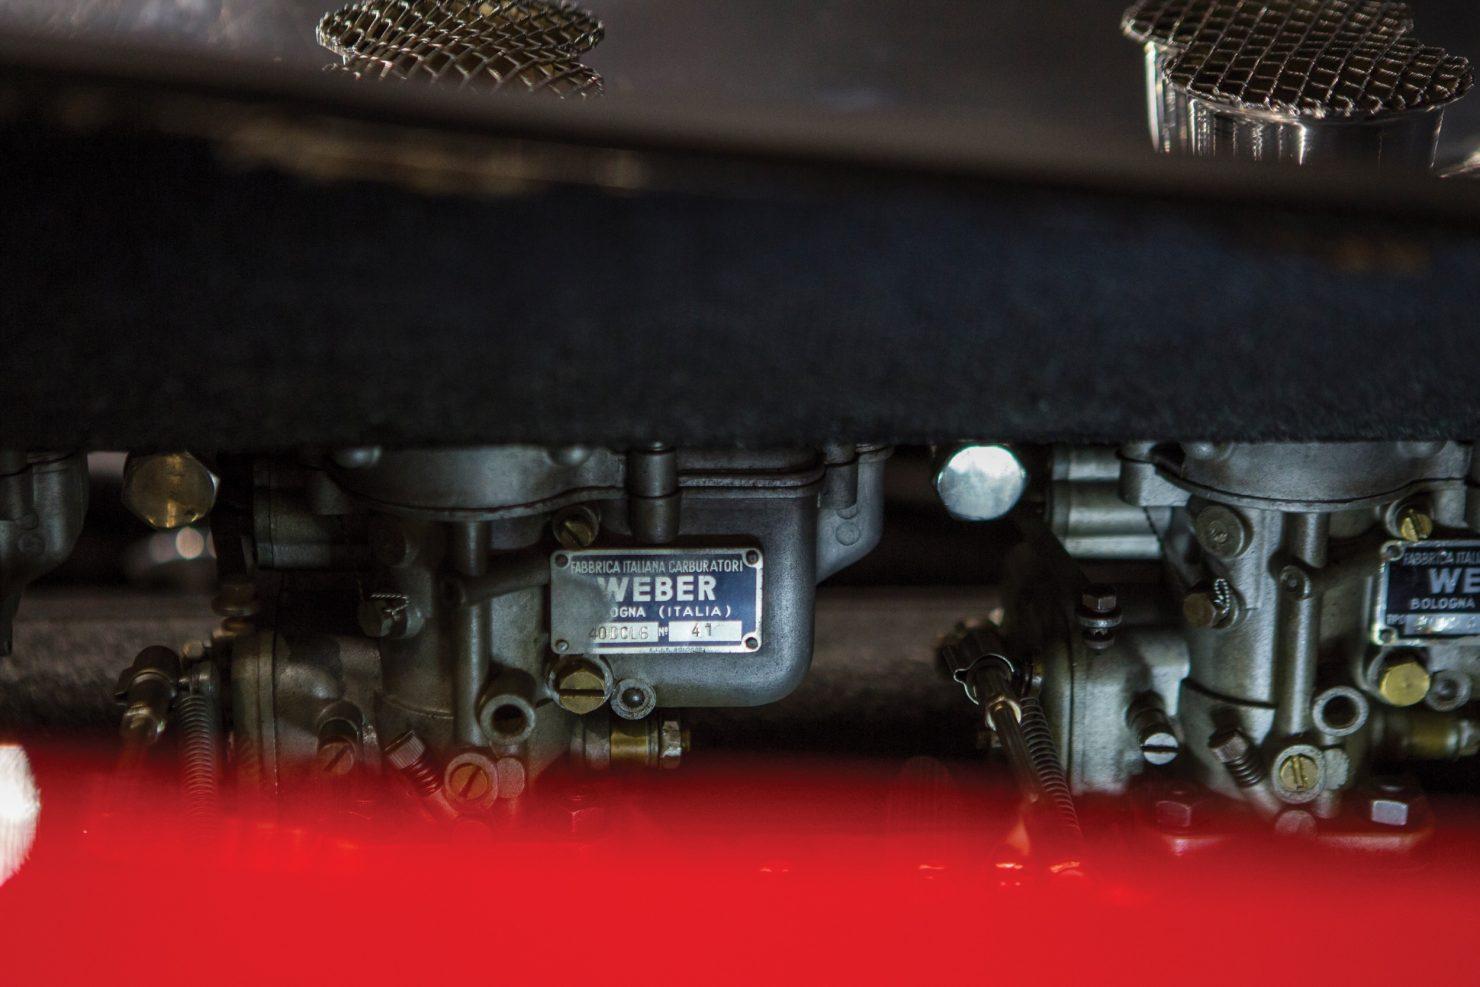 ferrari 250 gt swb car 18 1480x987 - 1960 Ferrari 250 GT SWB Competizione